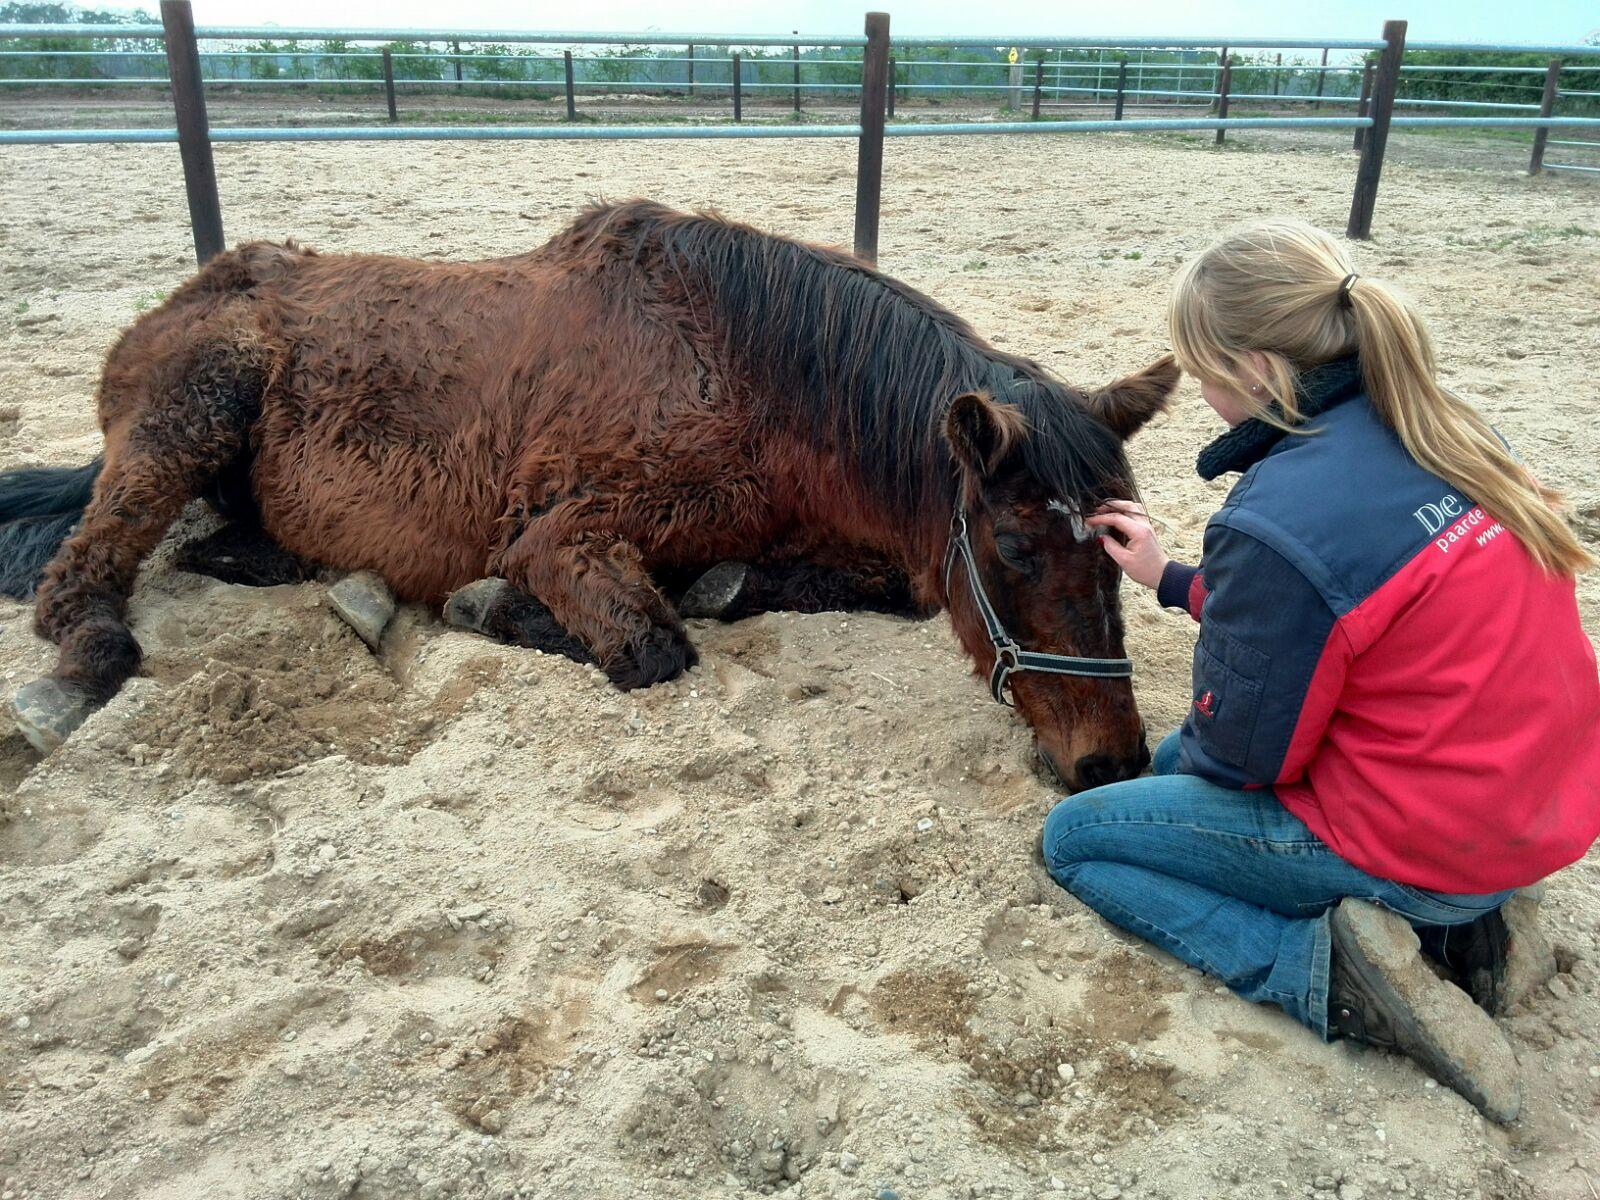 Het stervensproces van het paard